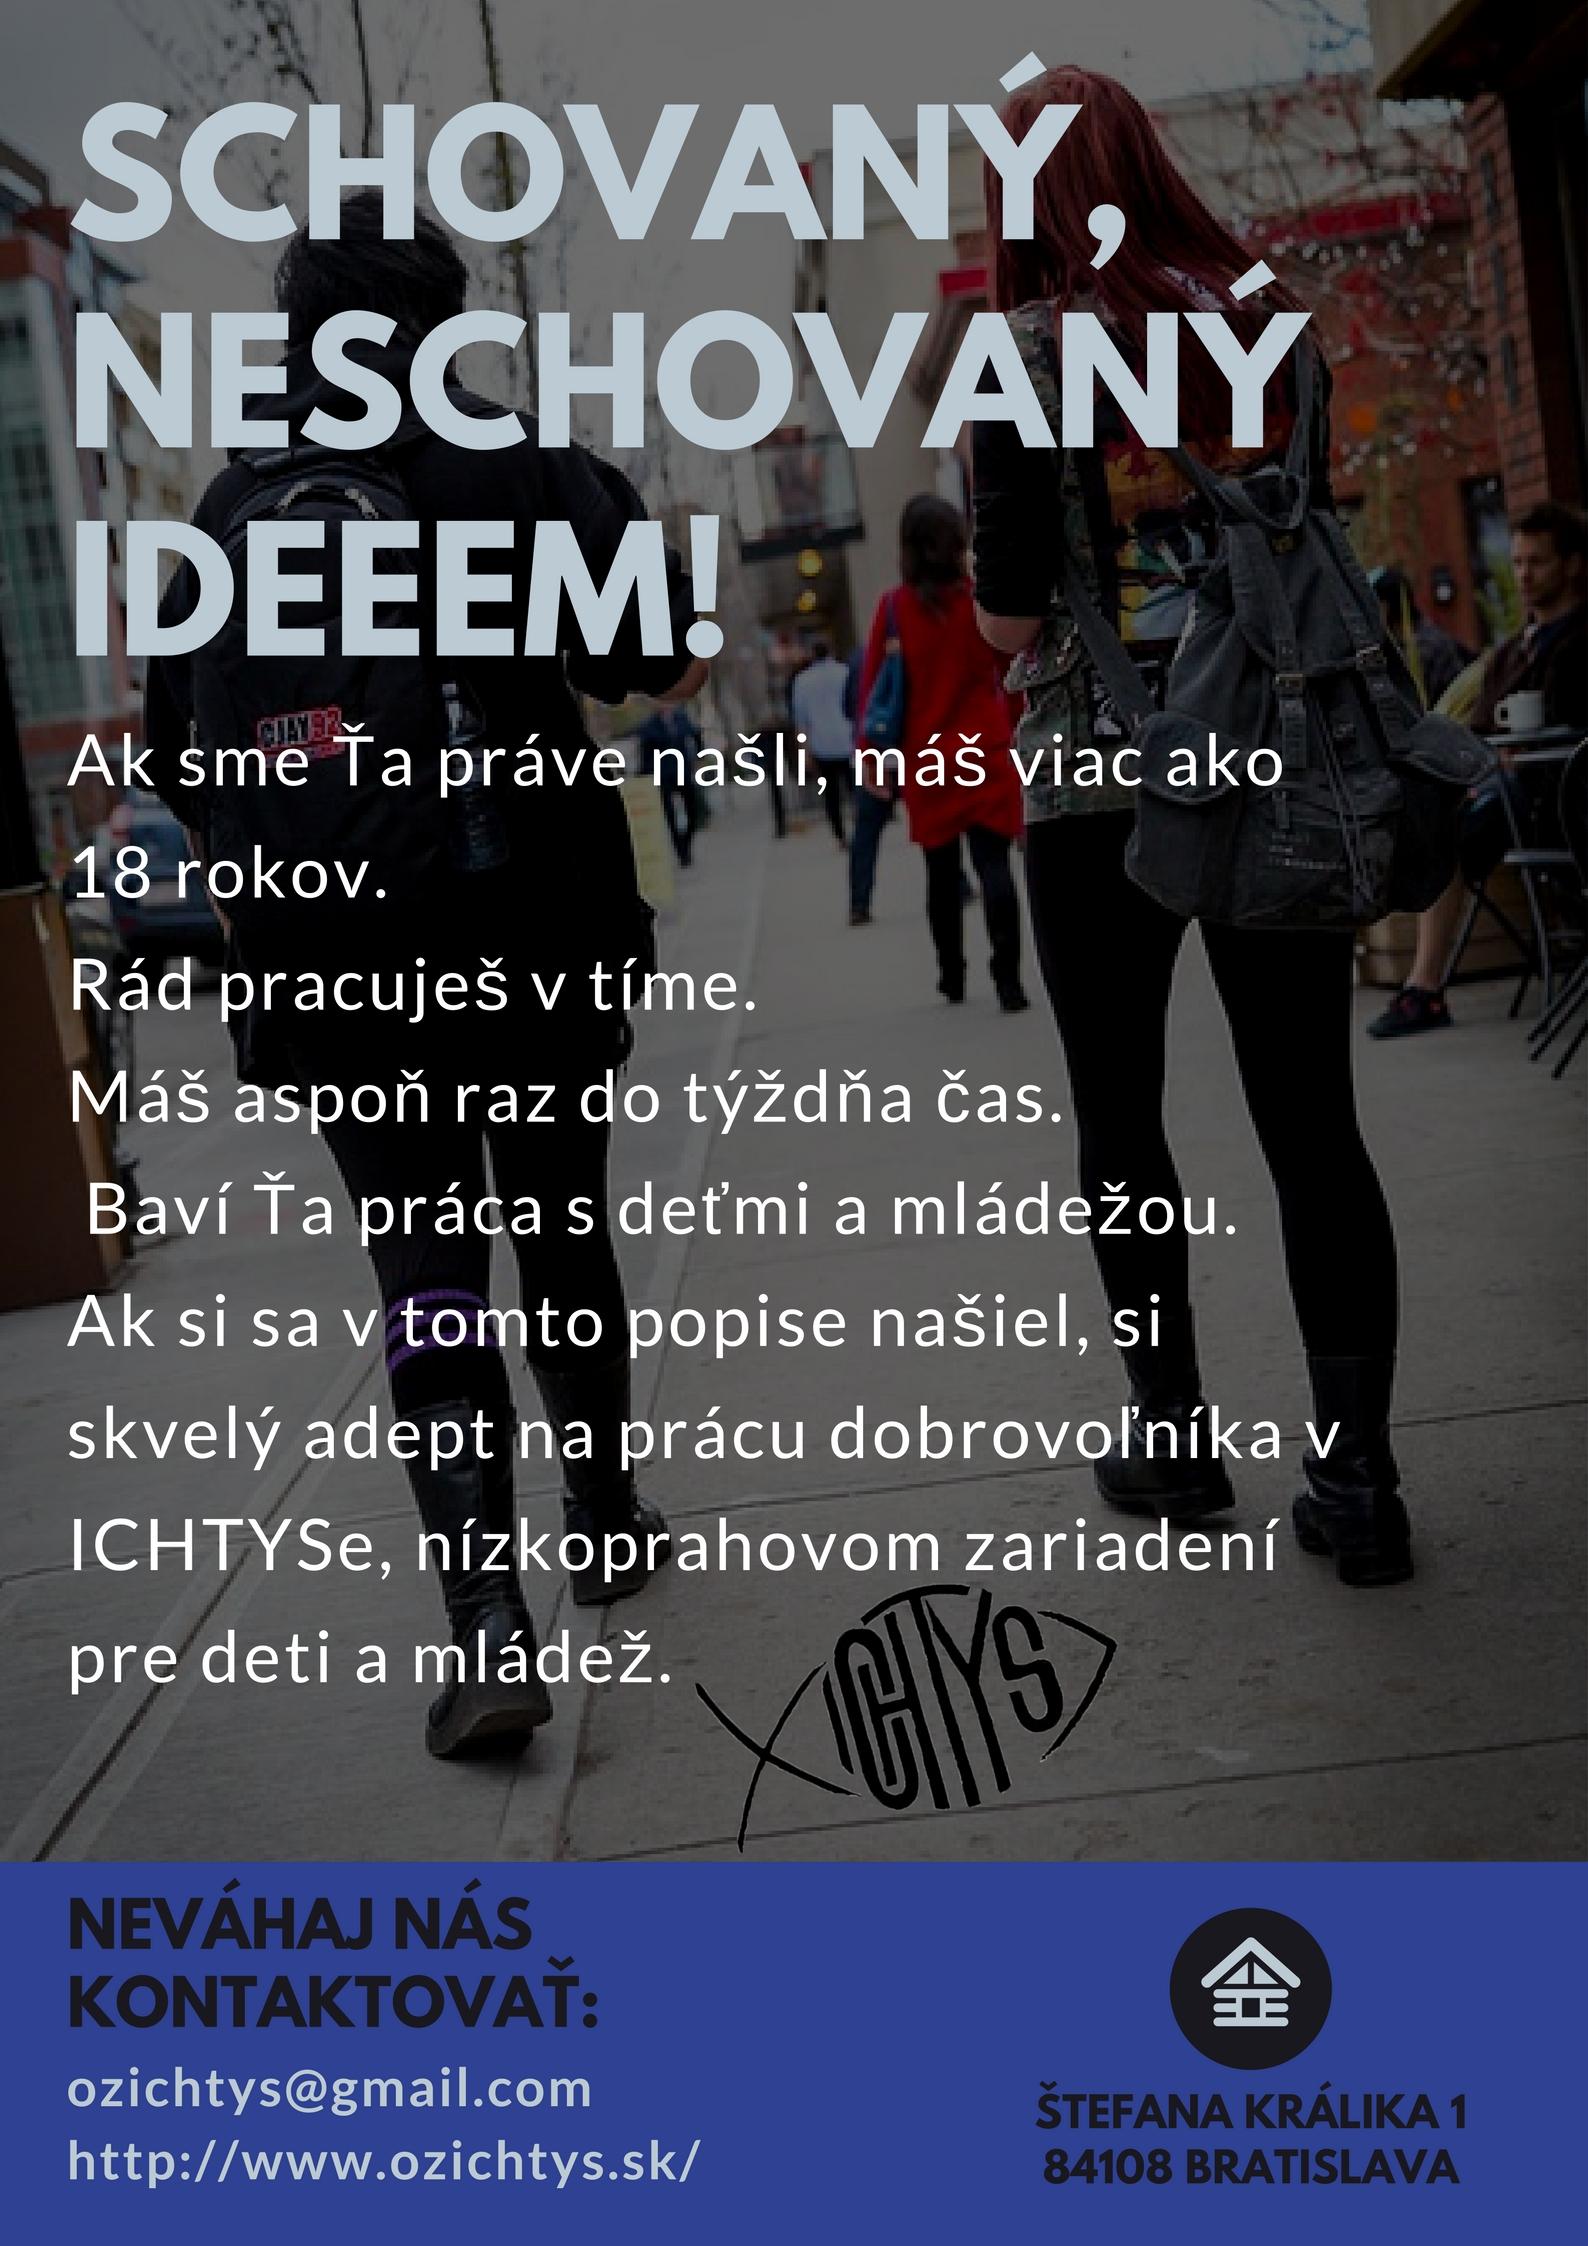 Dobrovolnici_2017